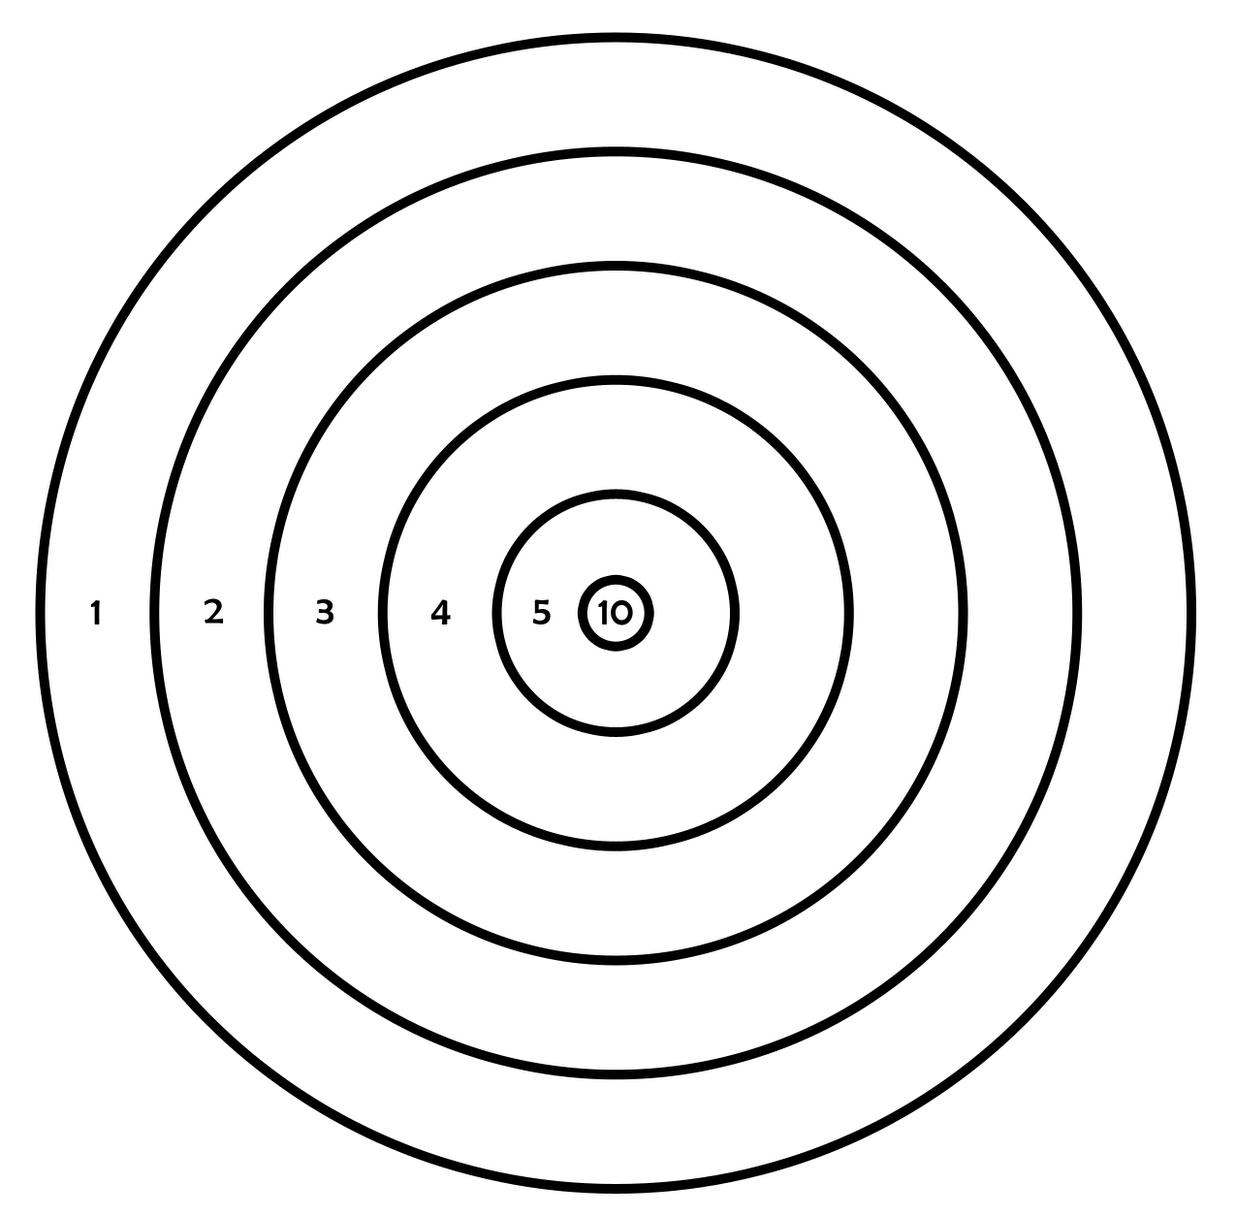 printable shooting targets 11x17